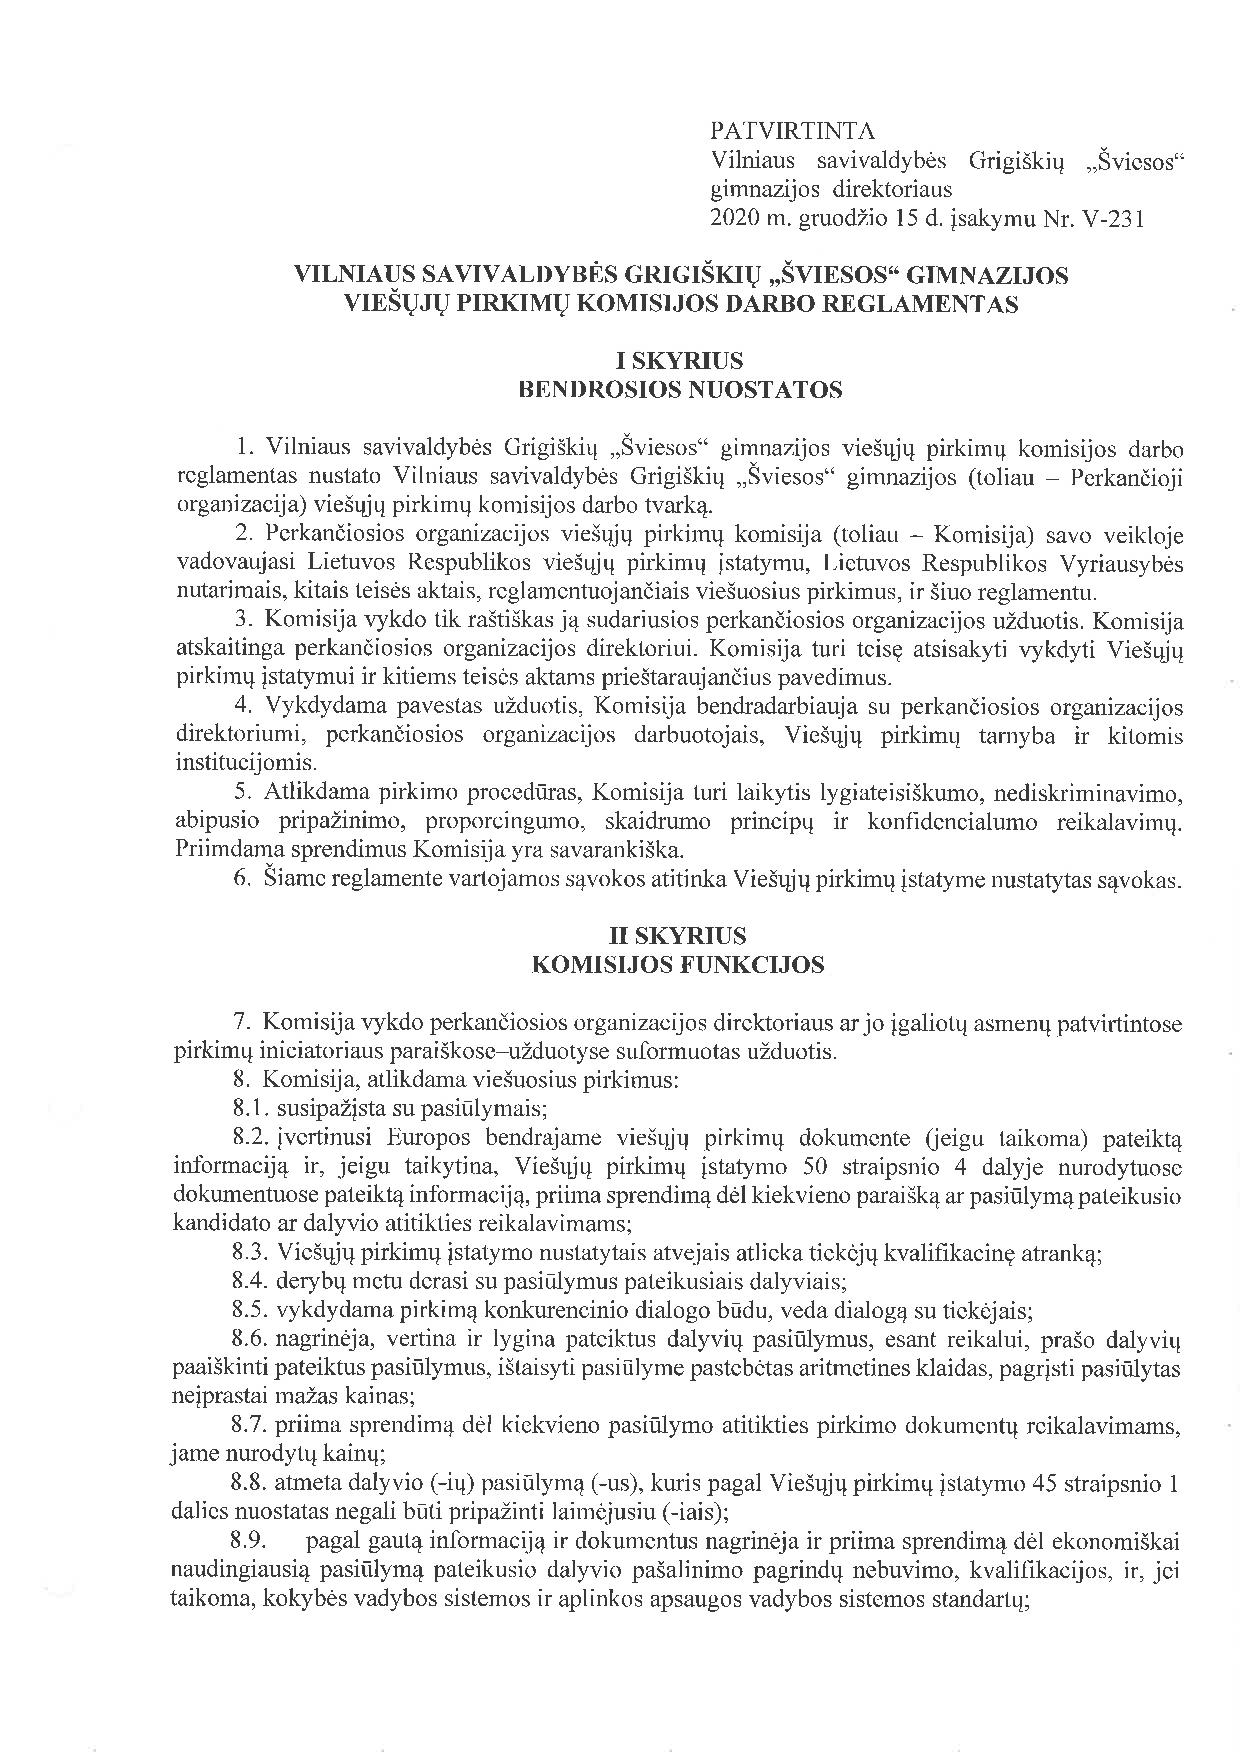 pradžia darbo reglamentai)